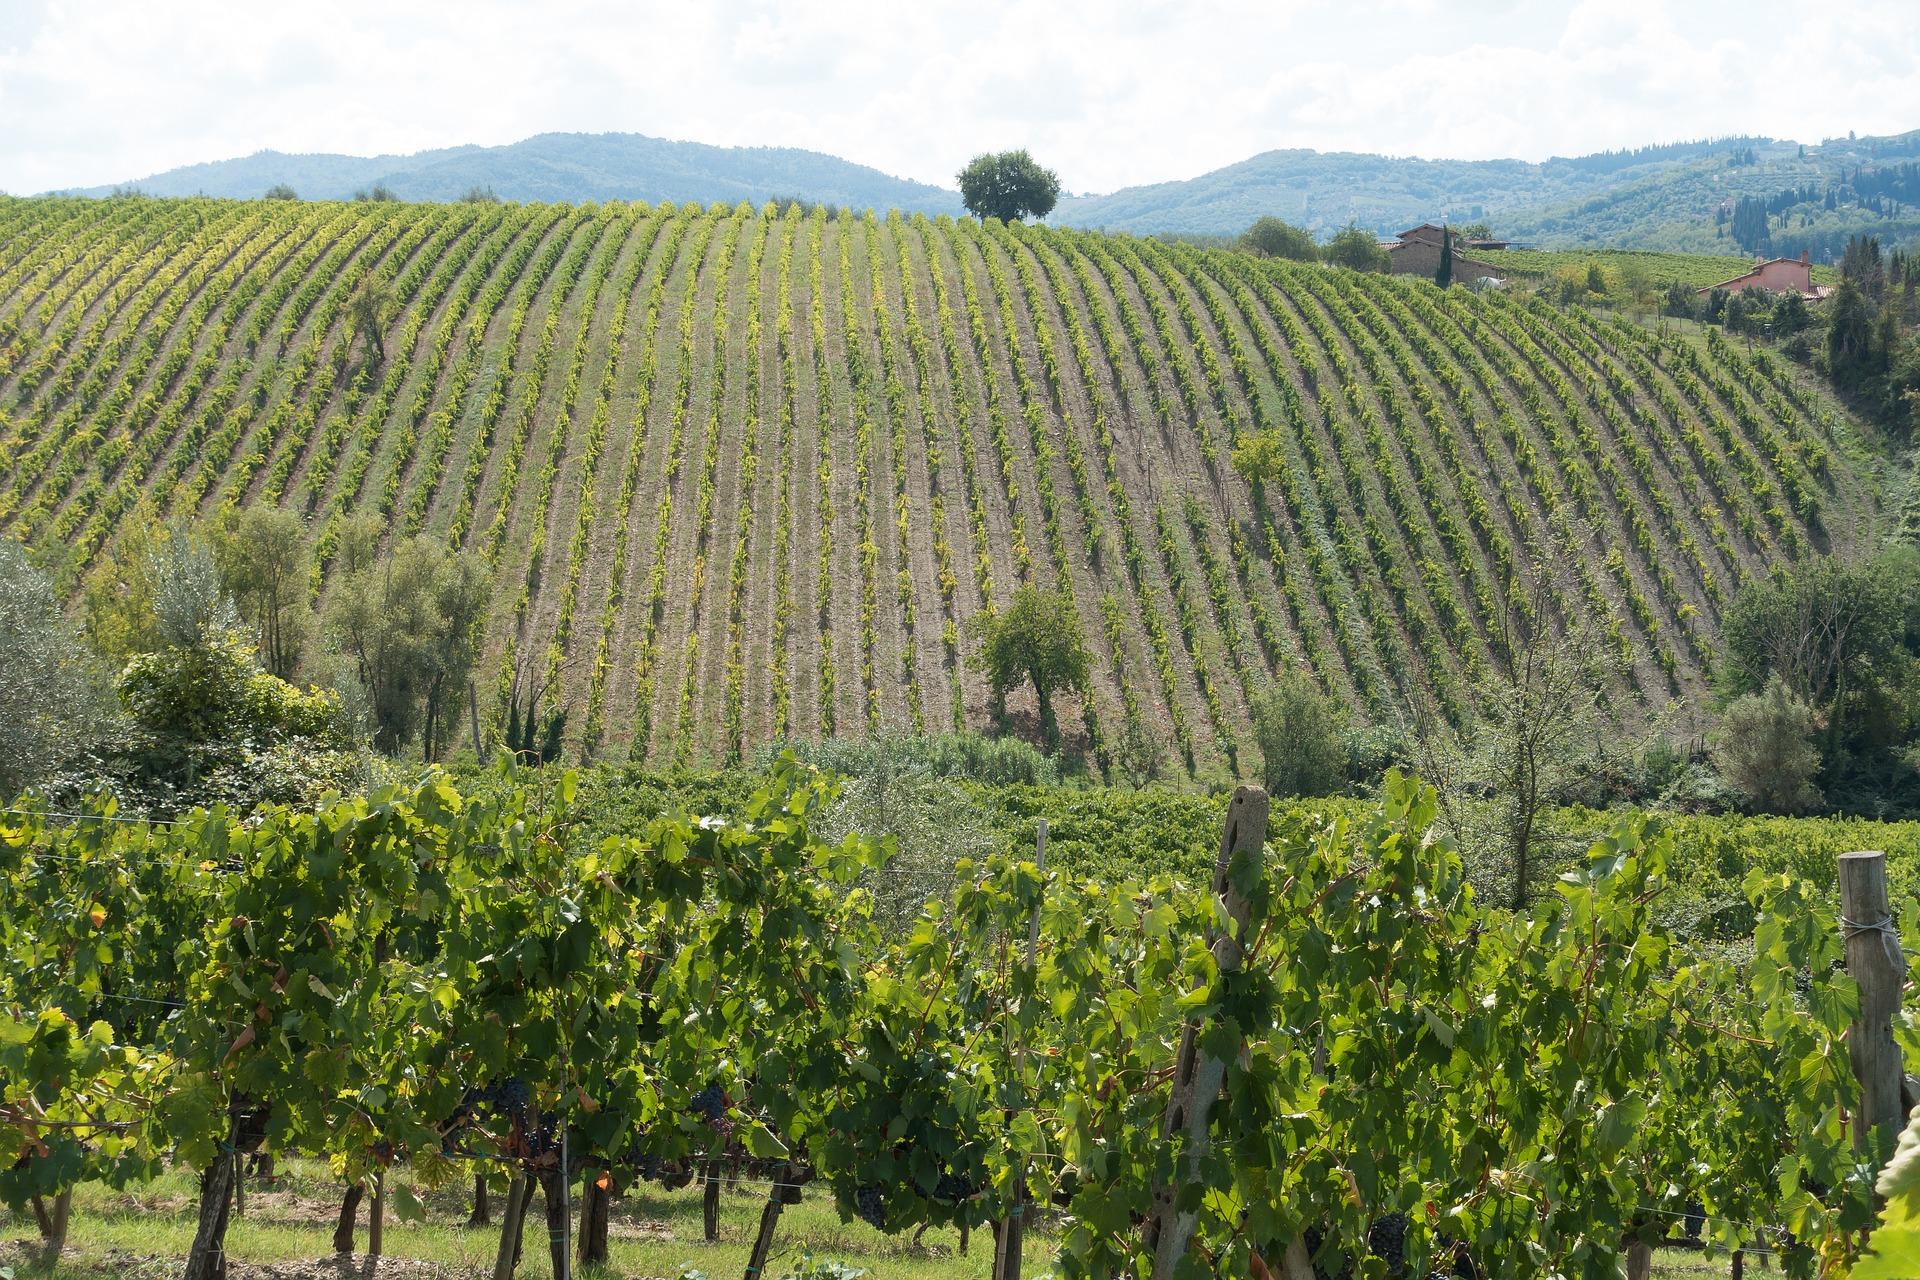 wine-growing-vineyard-italy